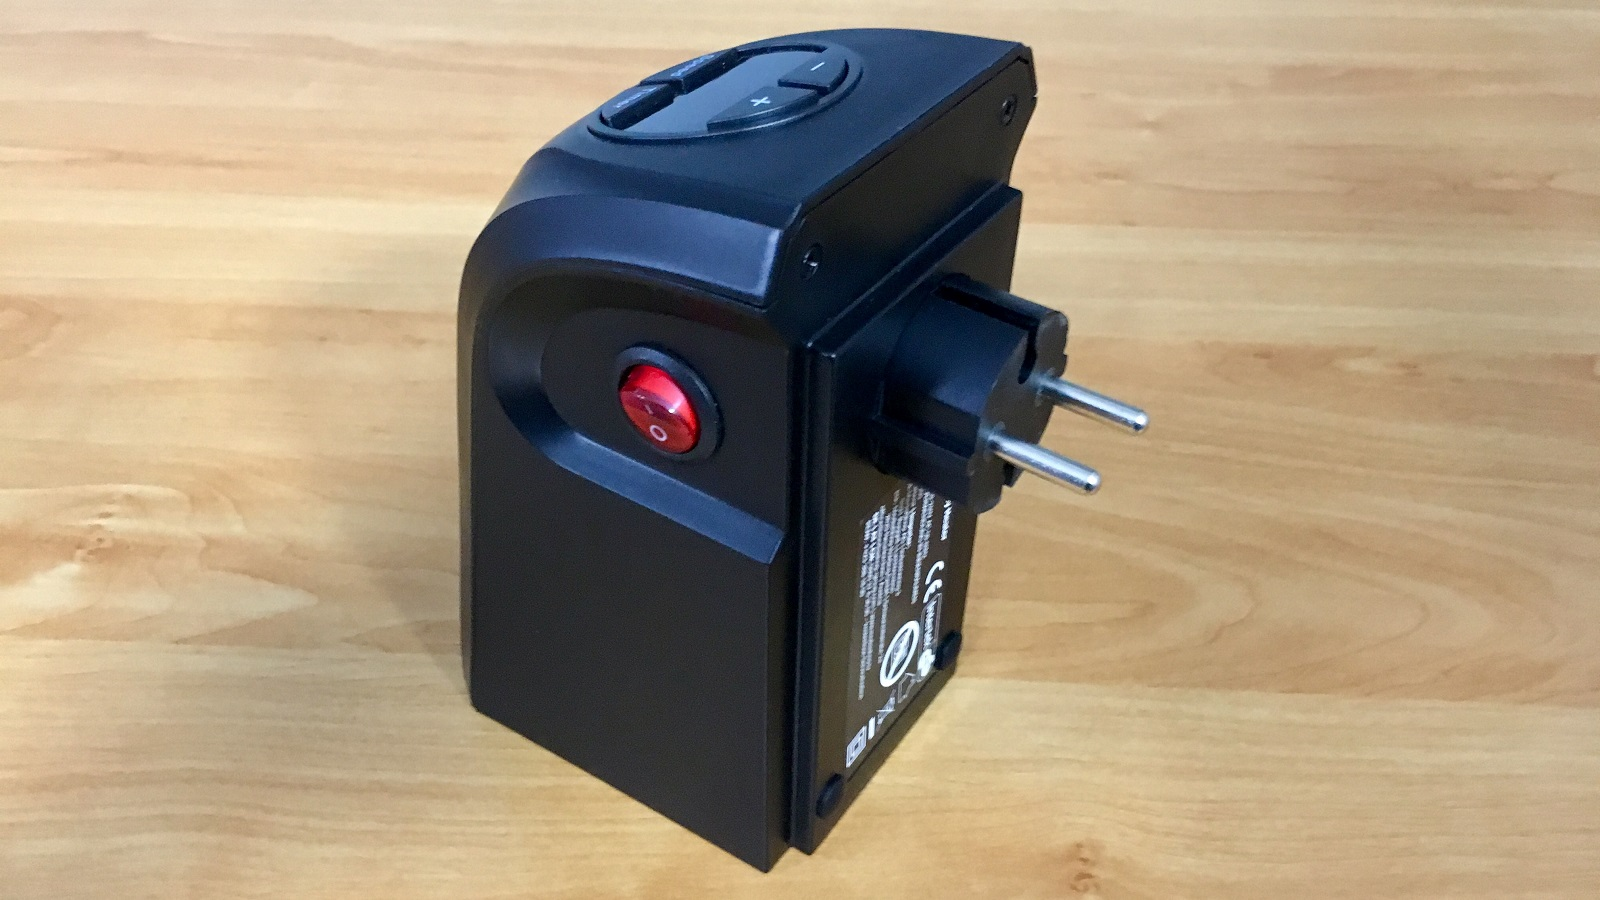 Handy heater alla prova la stufa elettrica non convince for Handy heater consumi